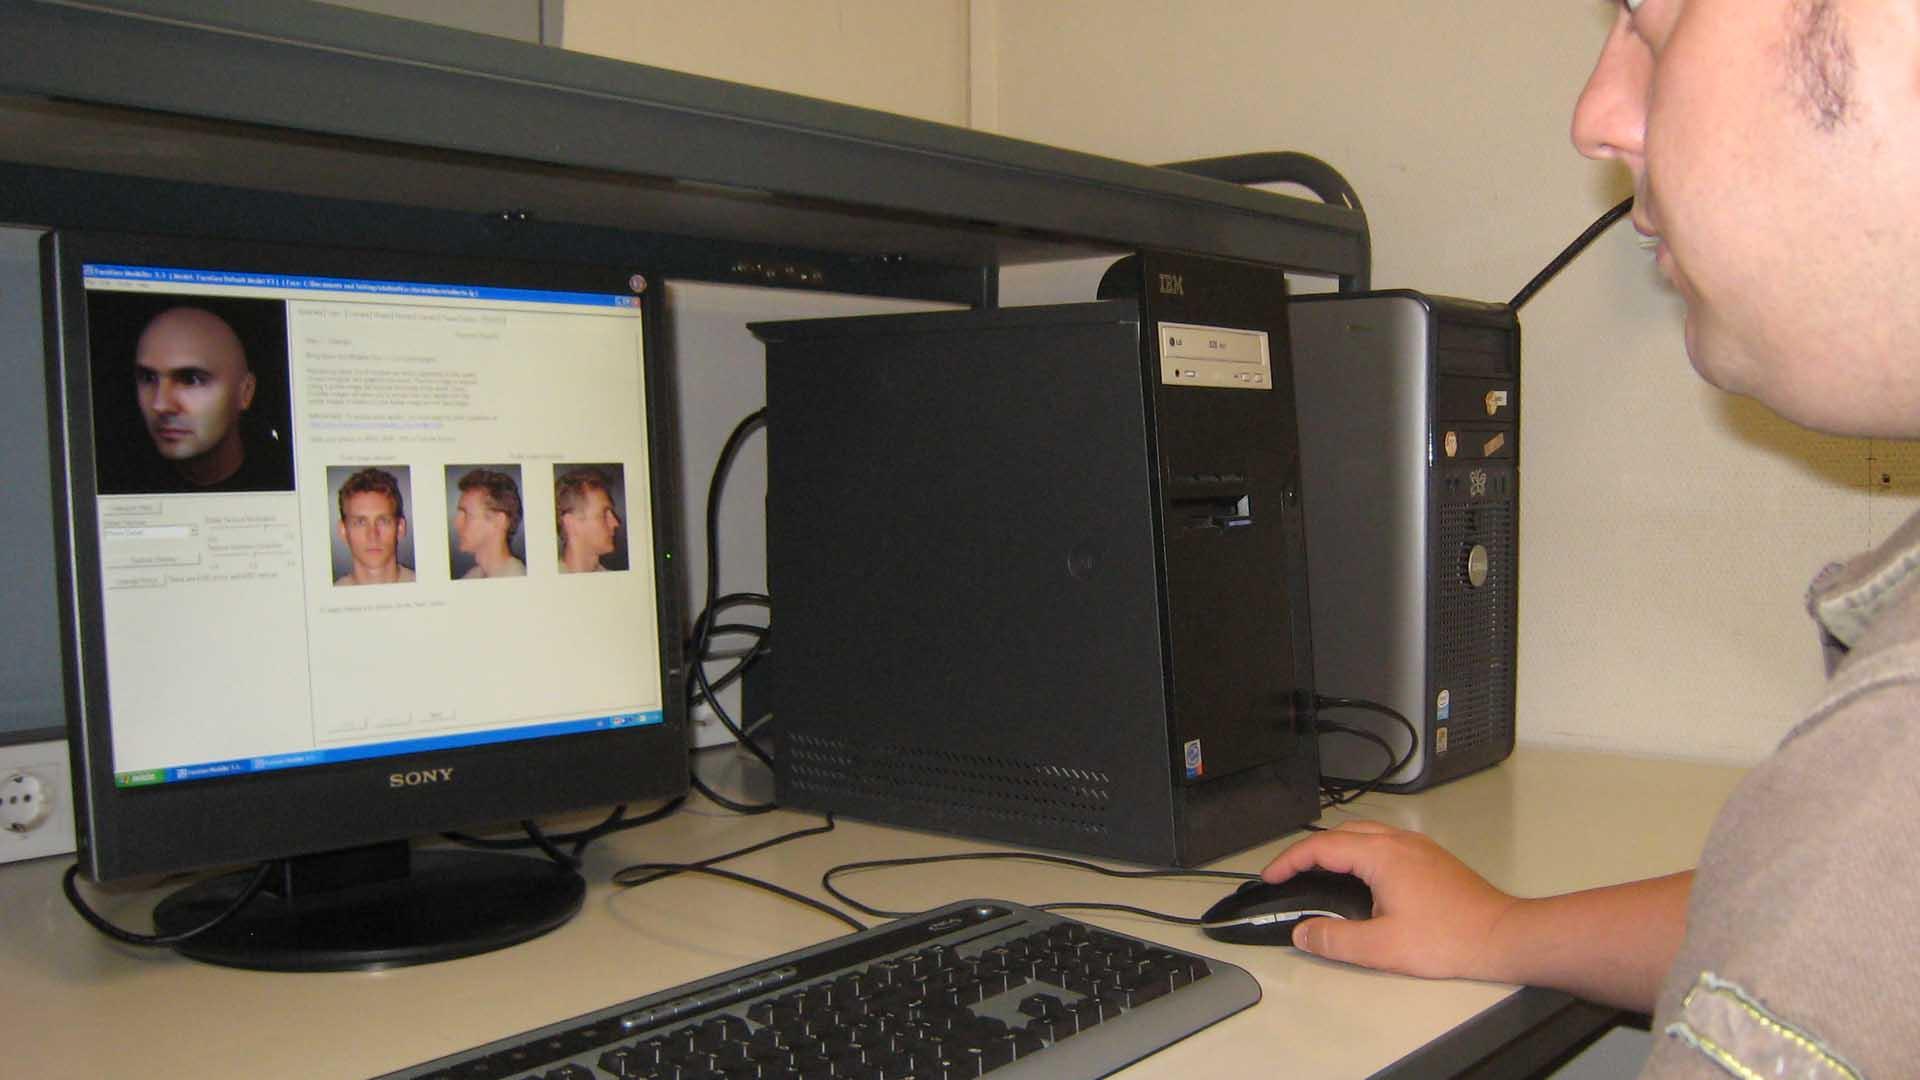 El software es usado para ubicar sospechosos en fotos, vídeos de cámaras de vigilancia y en redes sociales